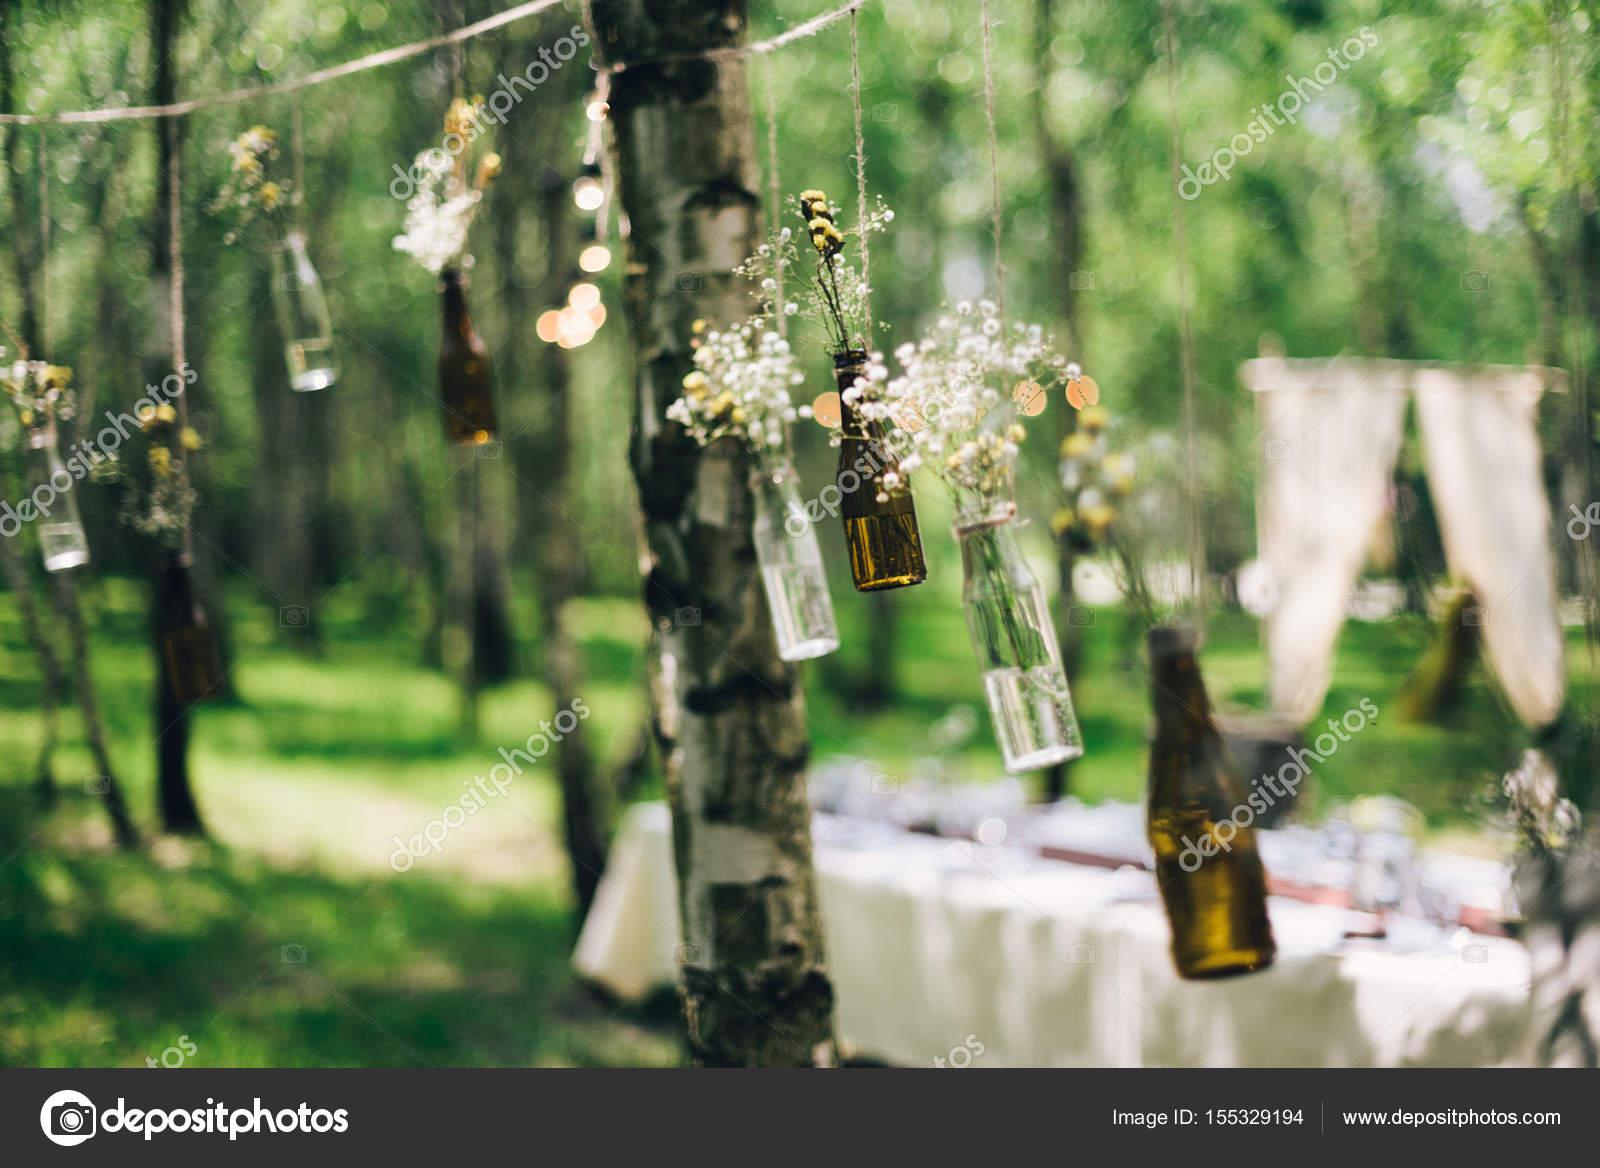 Decoration Table Mariage Arbre.Bouteilles Avec Des Fleurs Des Arbres De Décoration Dans La